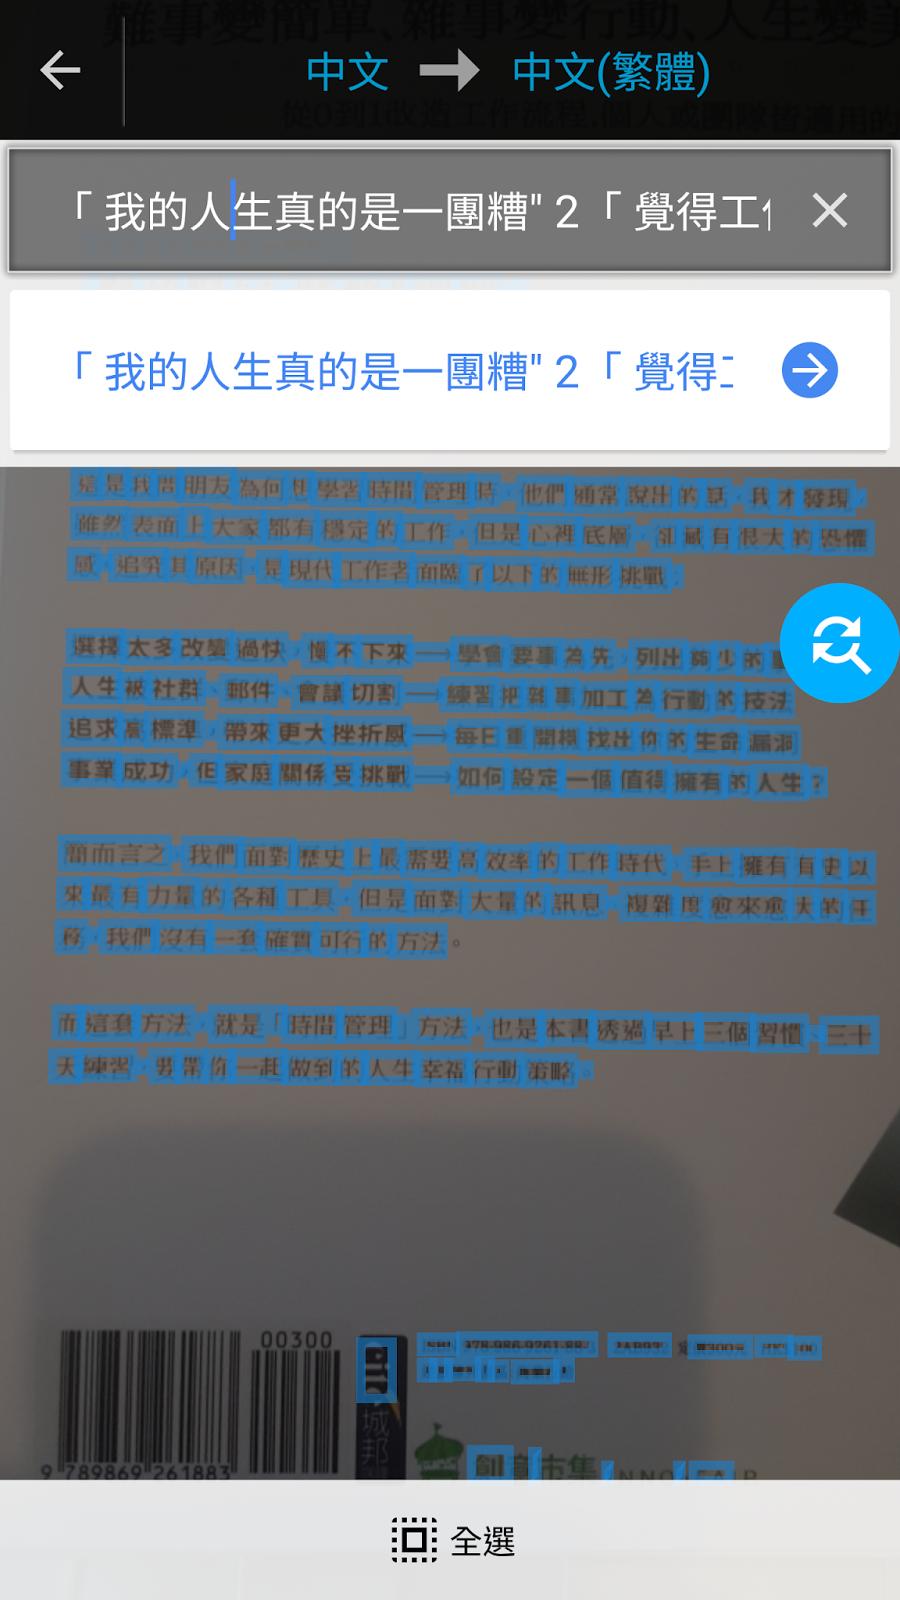 五款免費中文 OCR 文字辨識軟體下載,建立強大無紙化辦公室